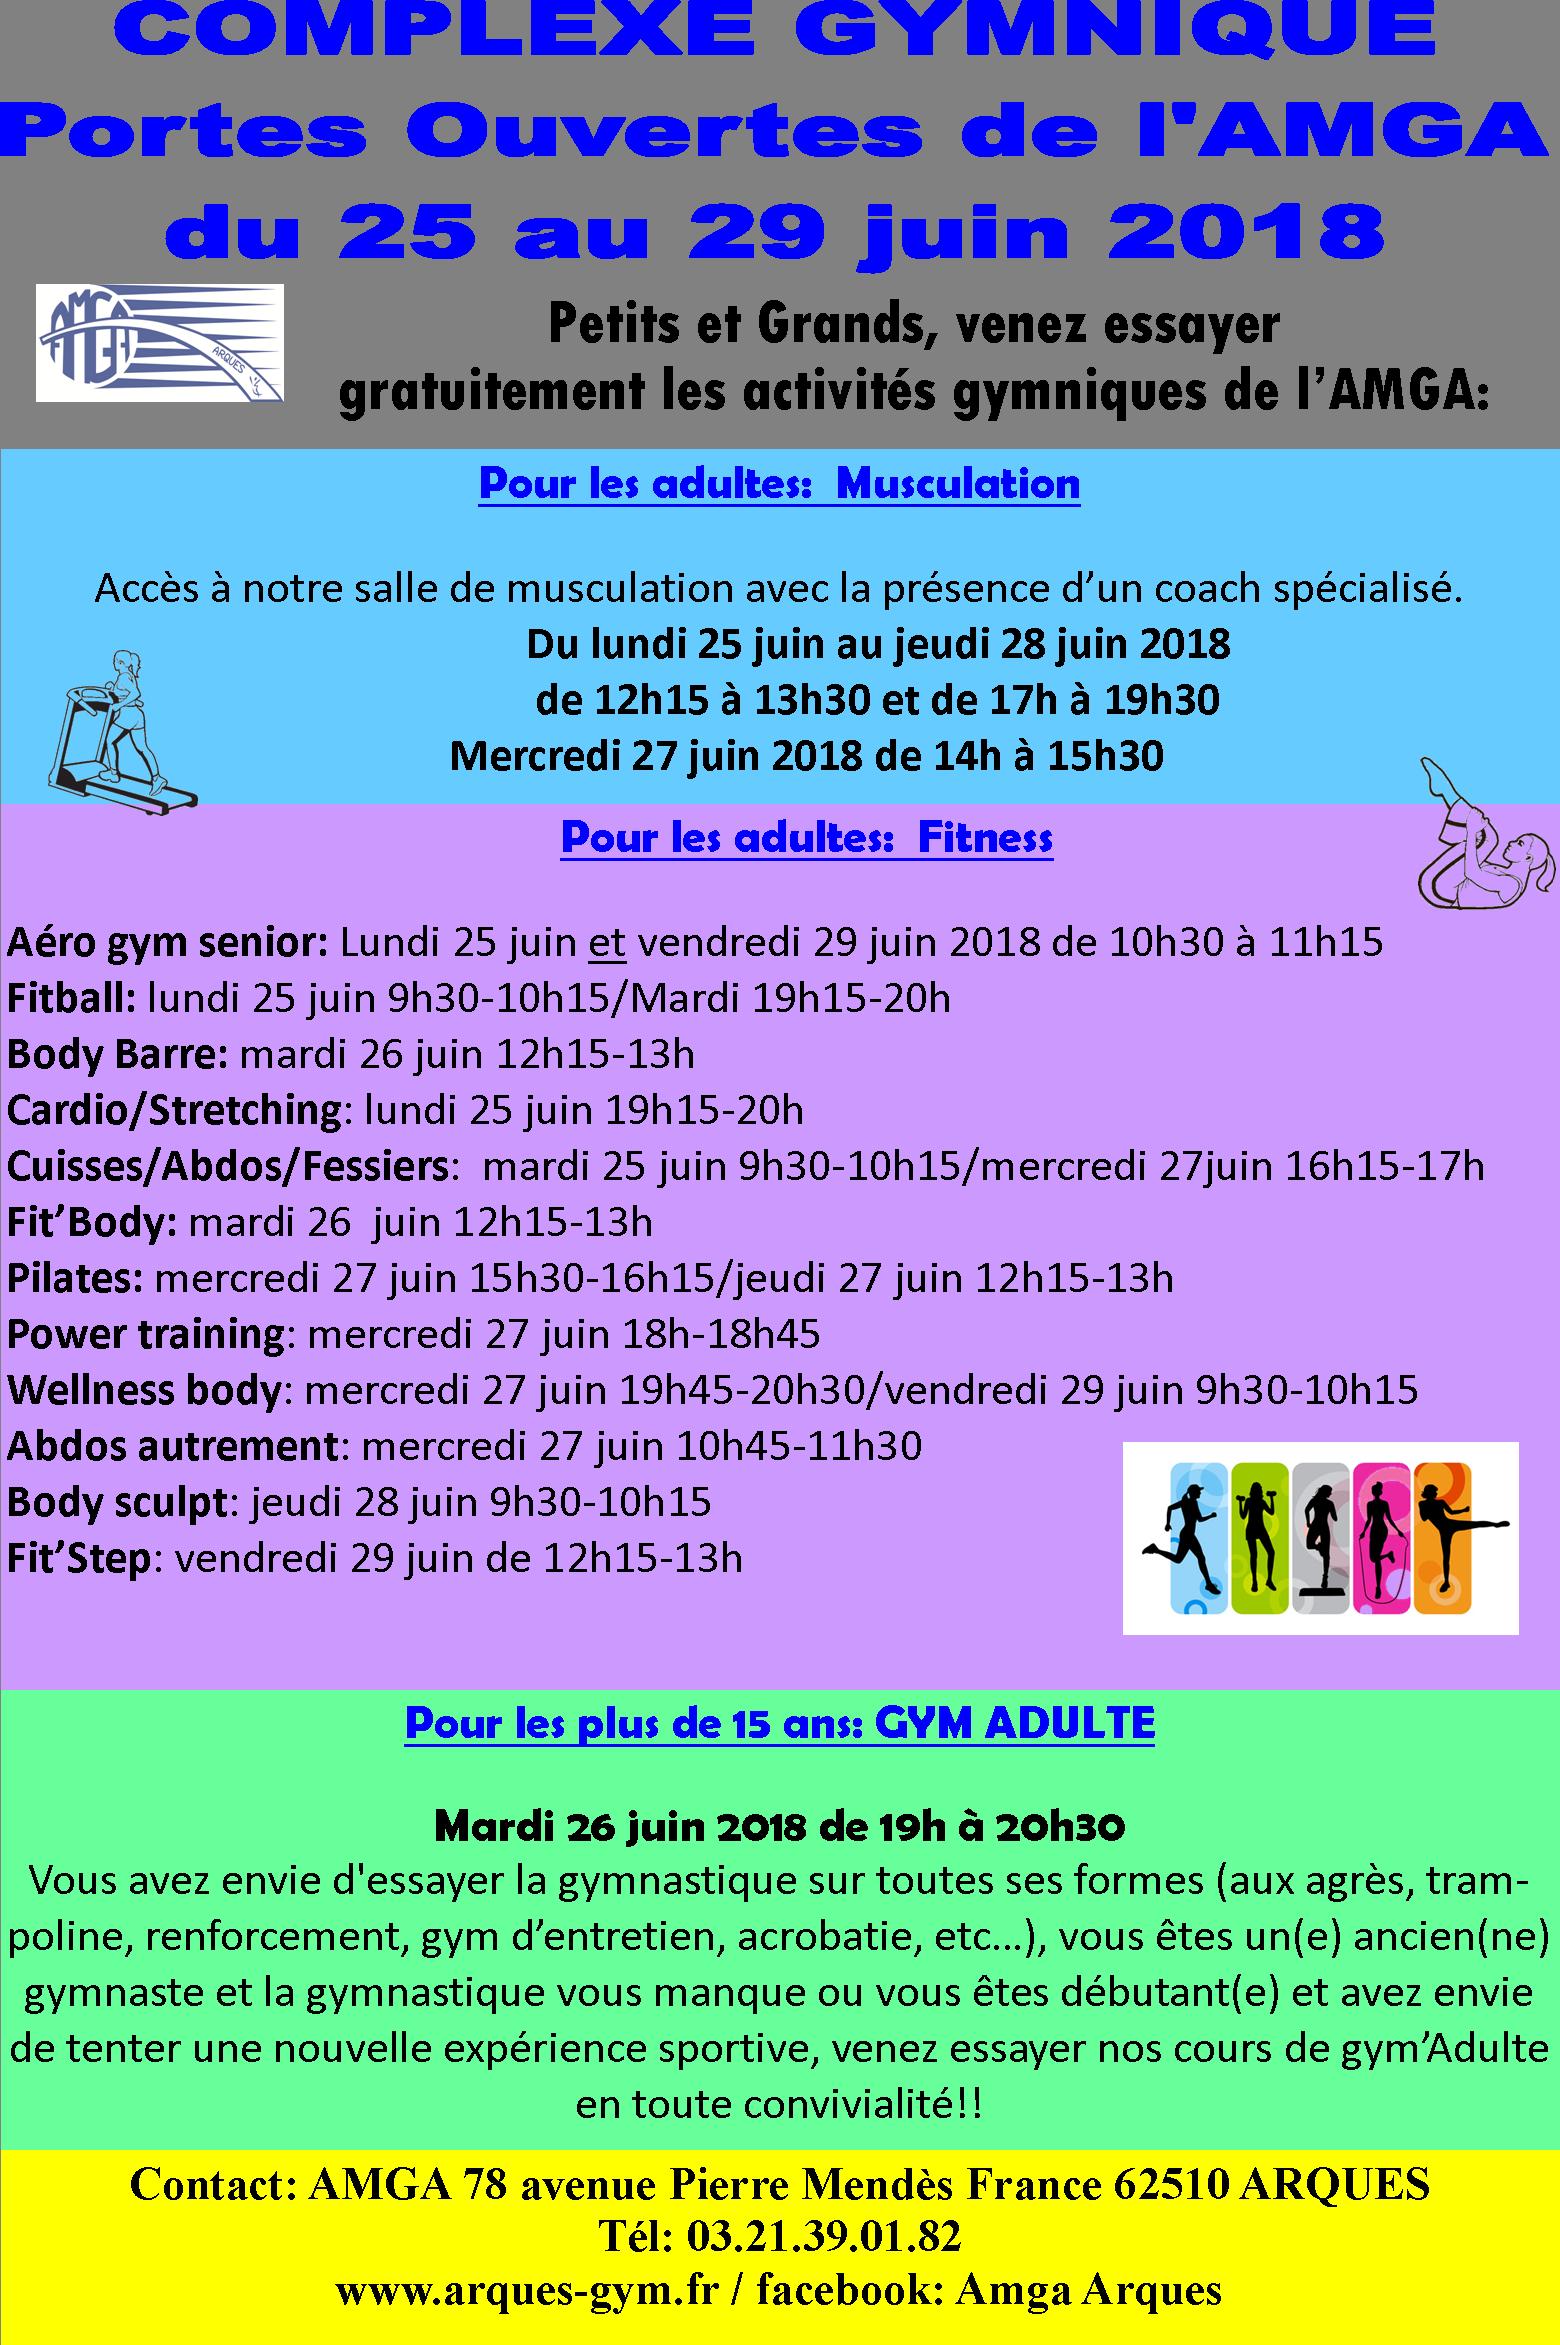 Portes ouvertes de l'AMGA du 25 au 29 juin 2018 au complexe gymnique